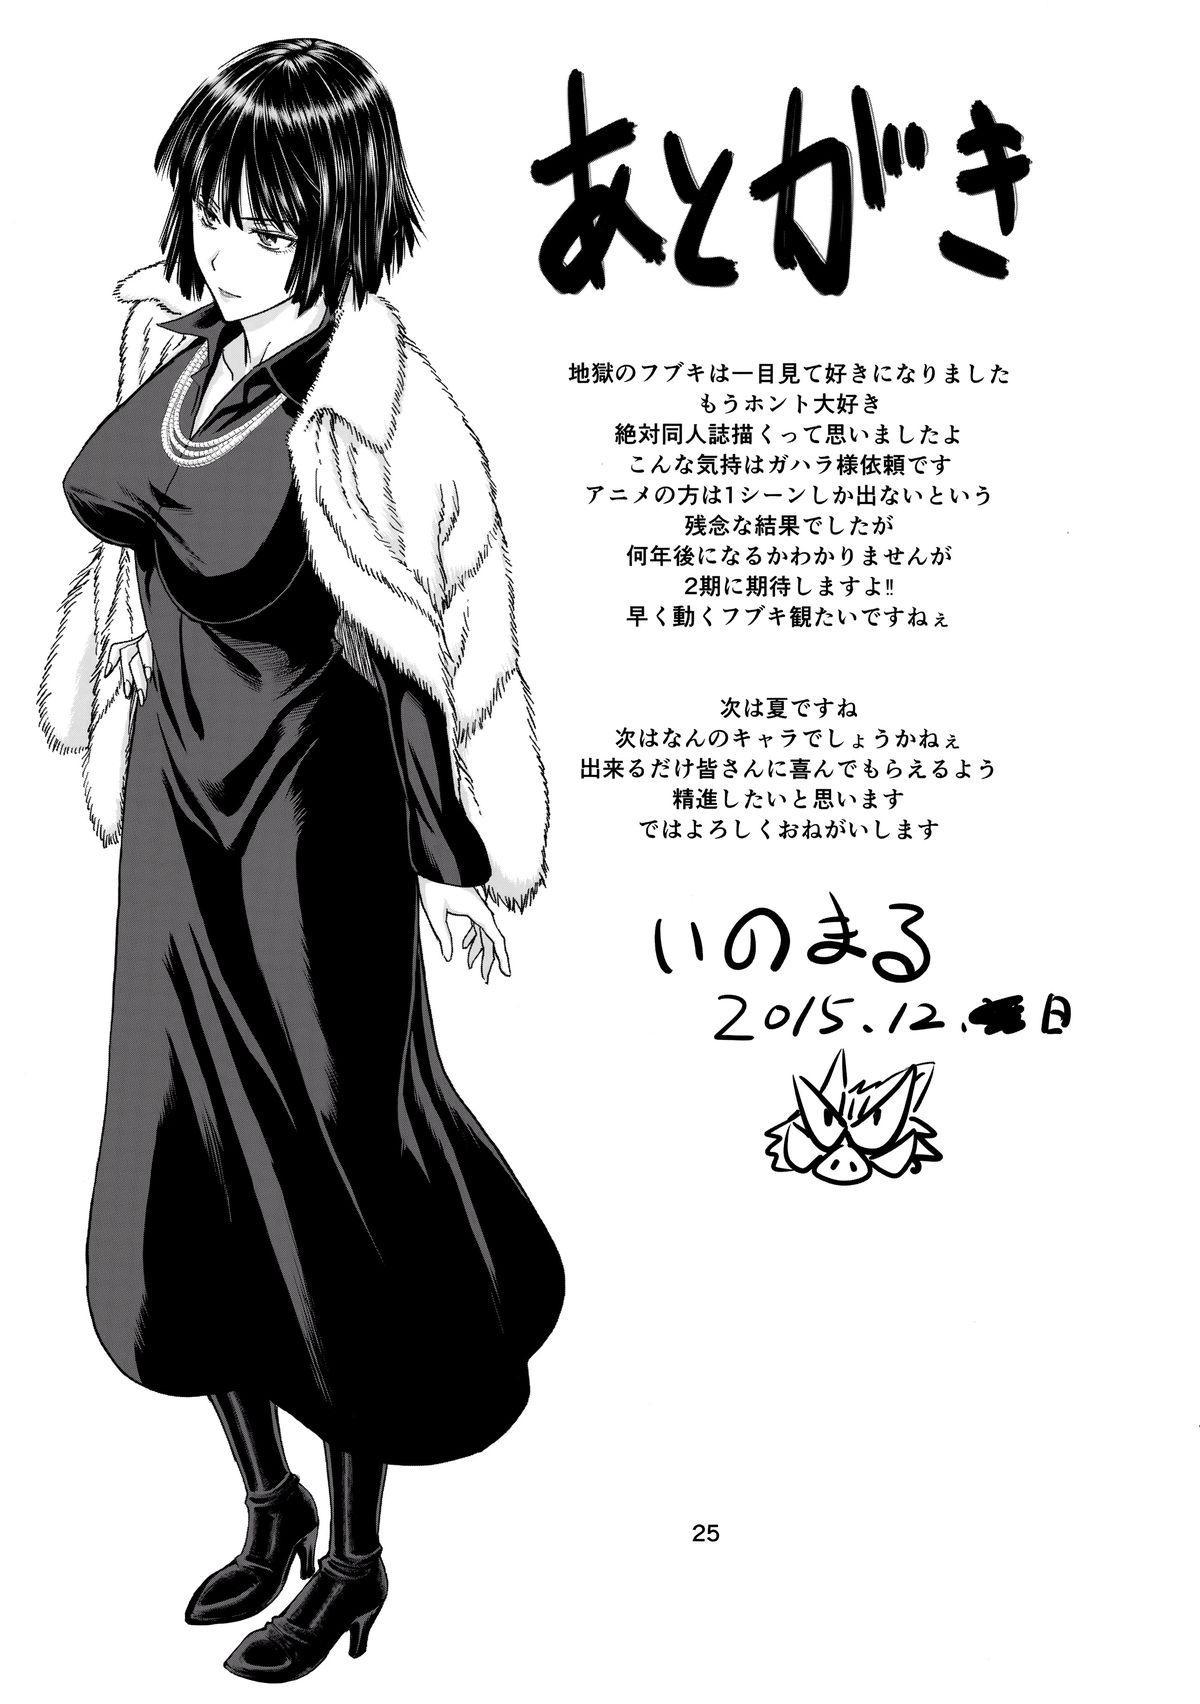 (C89) [High Thrust (Inomaru)] Geneki B-kyuu 1-i Hero Jigoku no Fubuki AV Debut!! (One Punch Man) 24